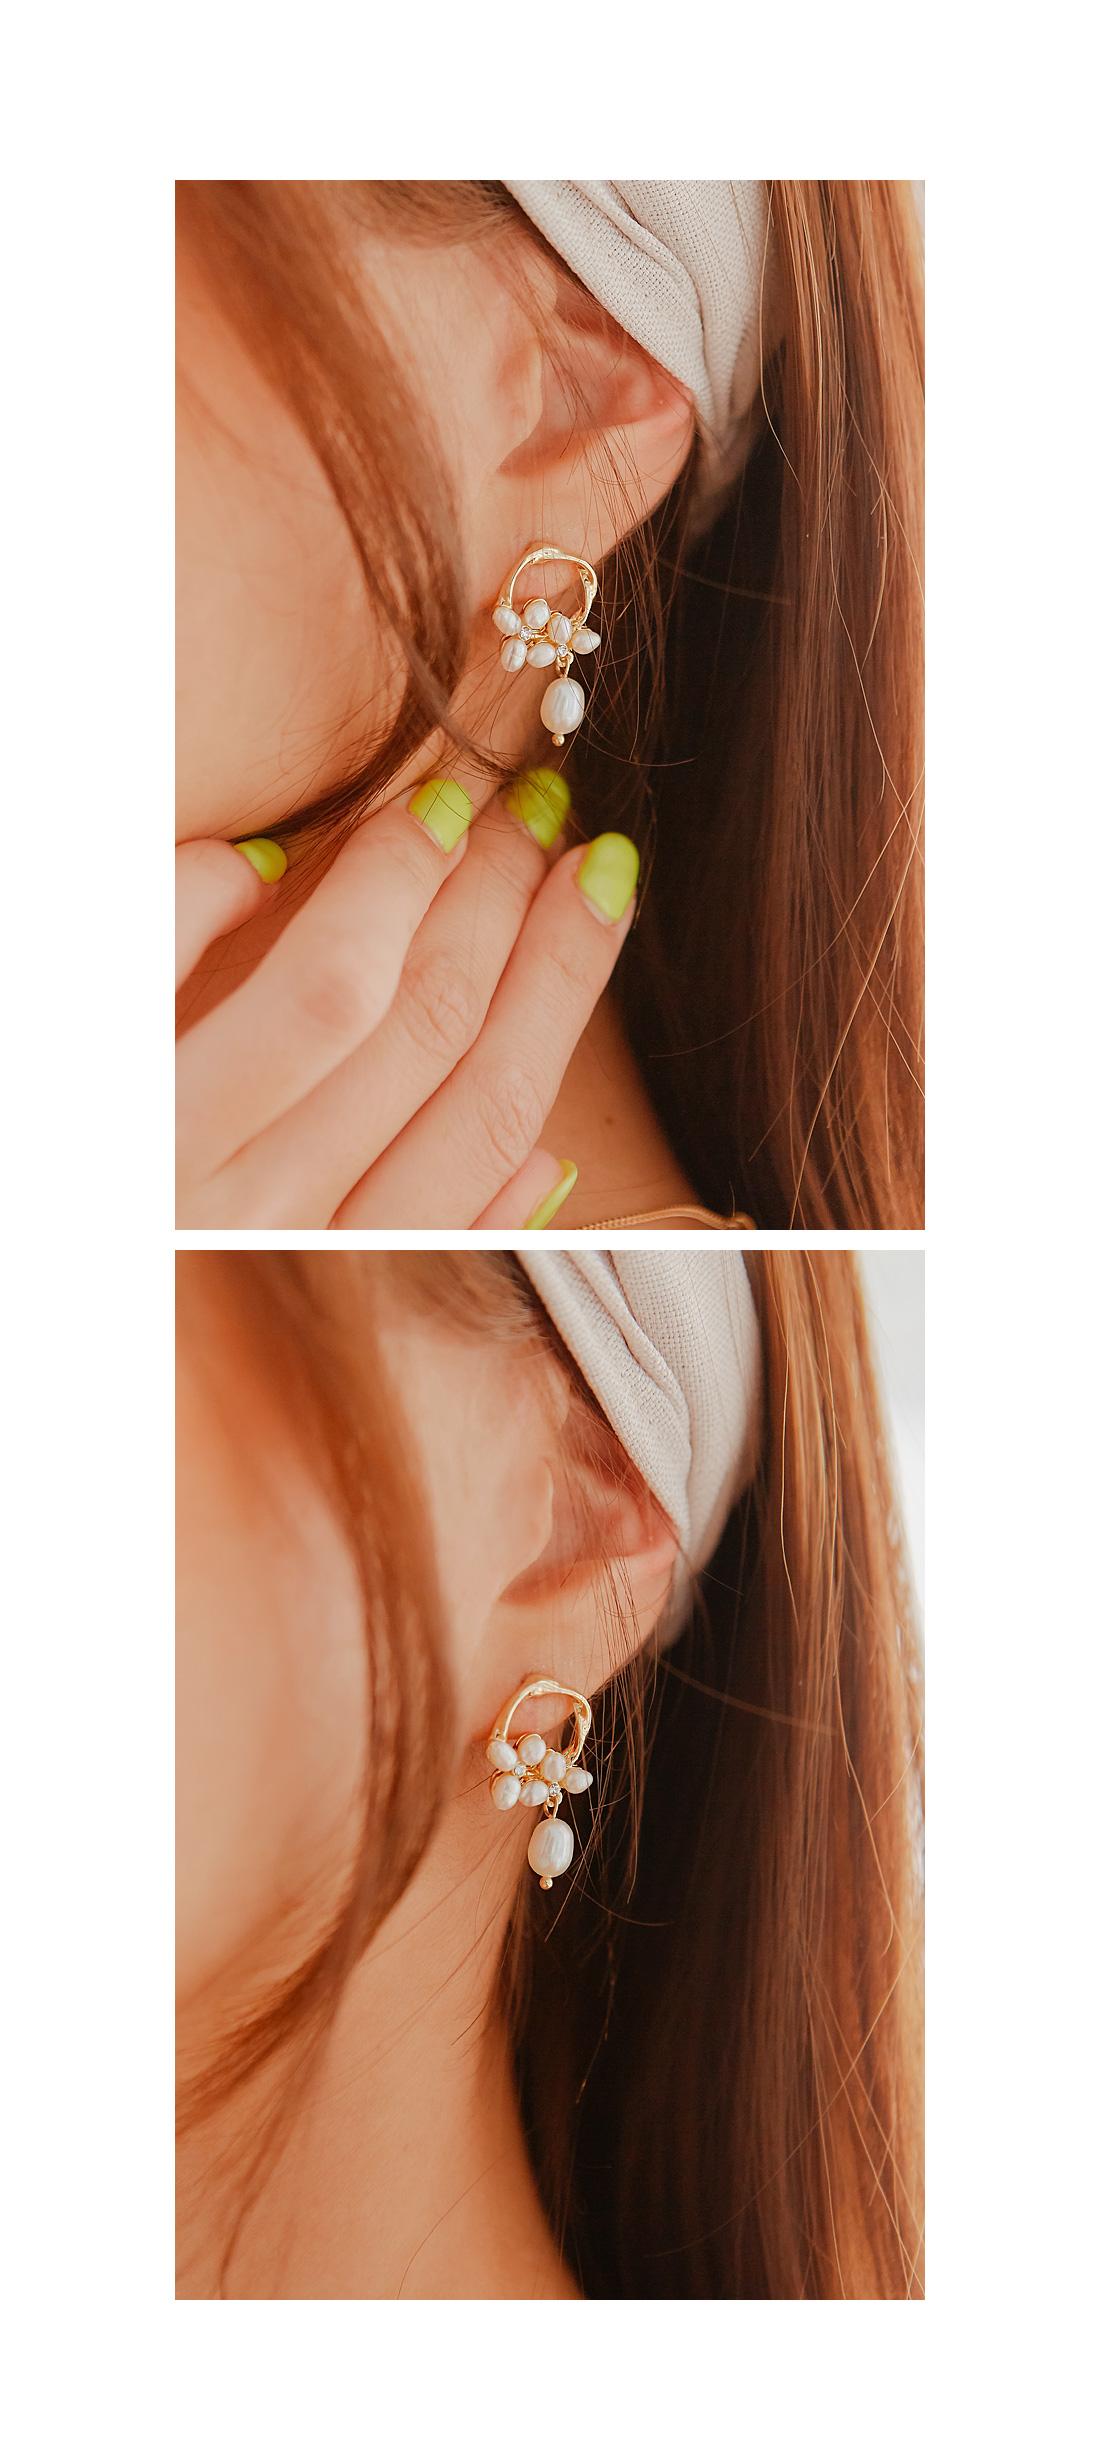 BENNET PEARL PETAL EARRING